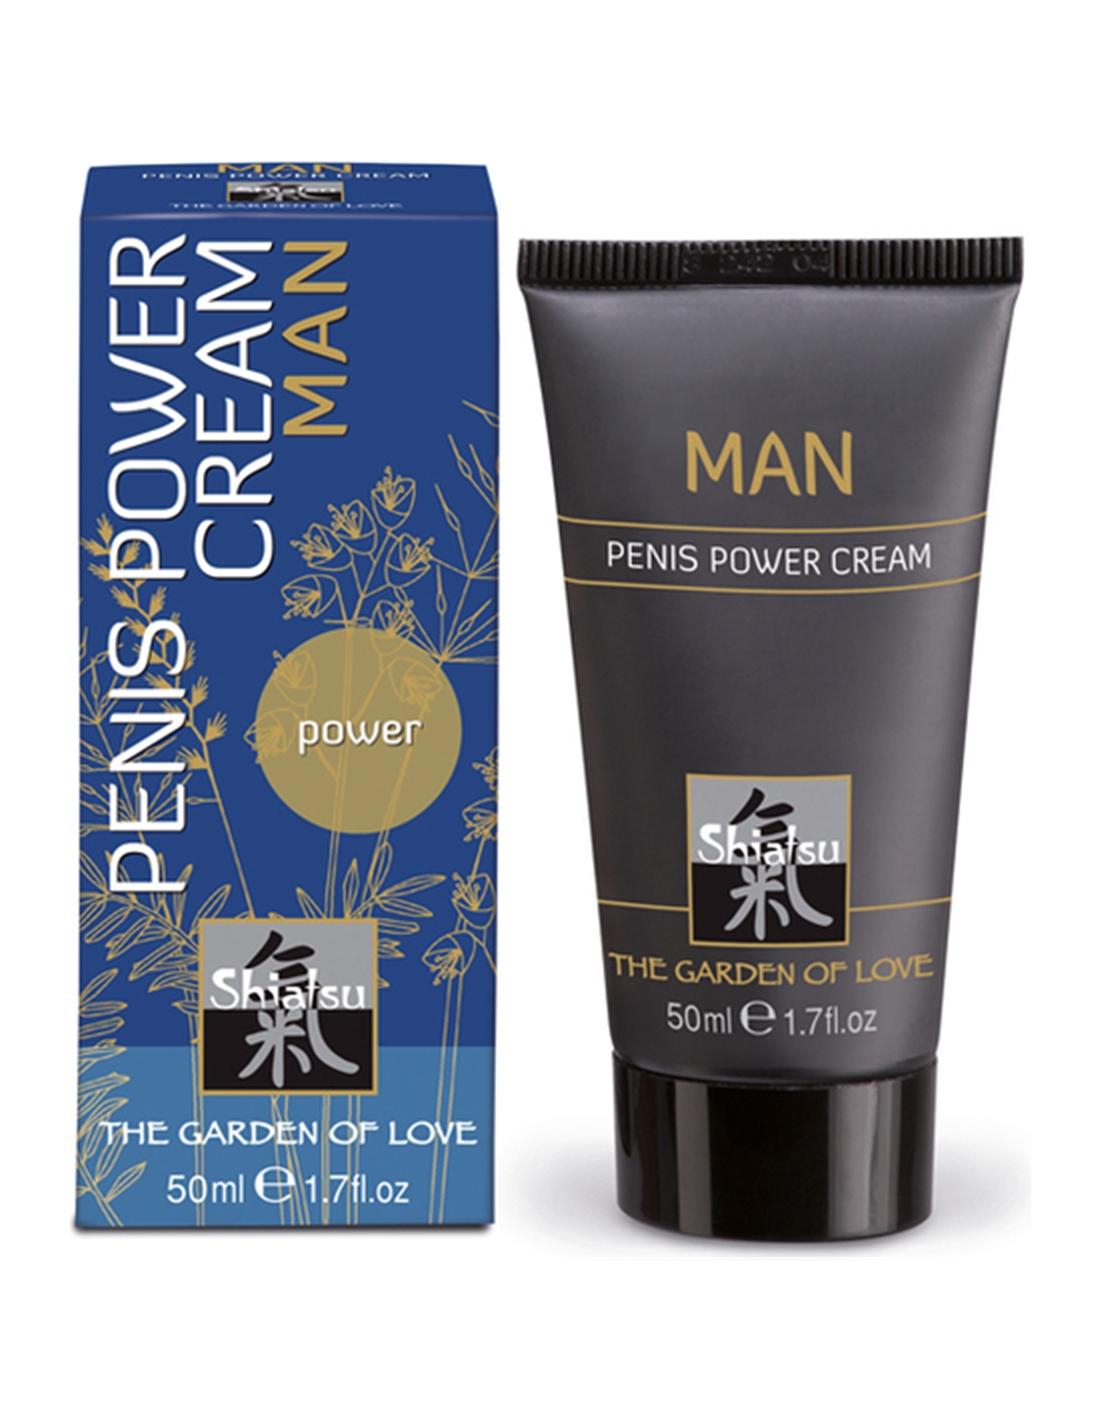 Creme Estimulante Masculino Shiatsu Penis Power Cream - 50ml - PR2010299963